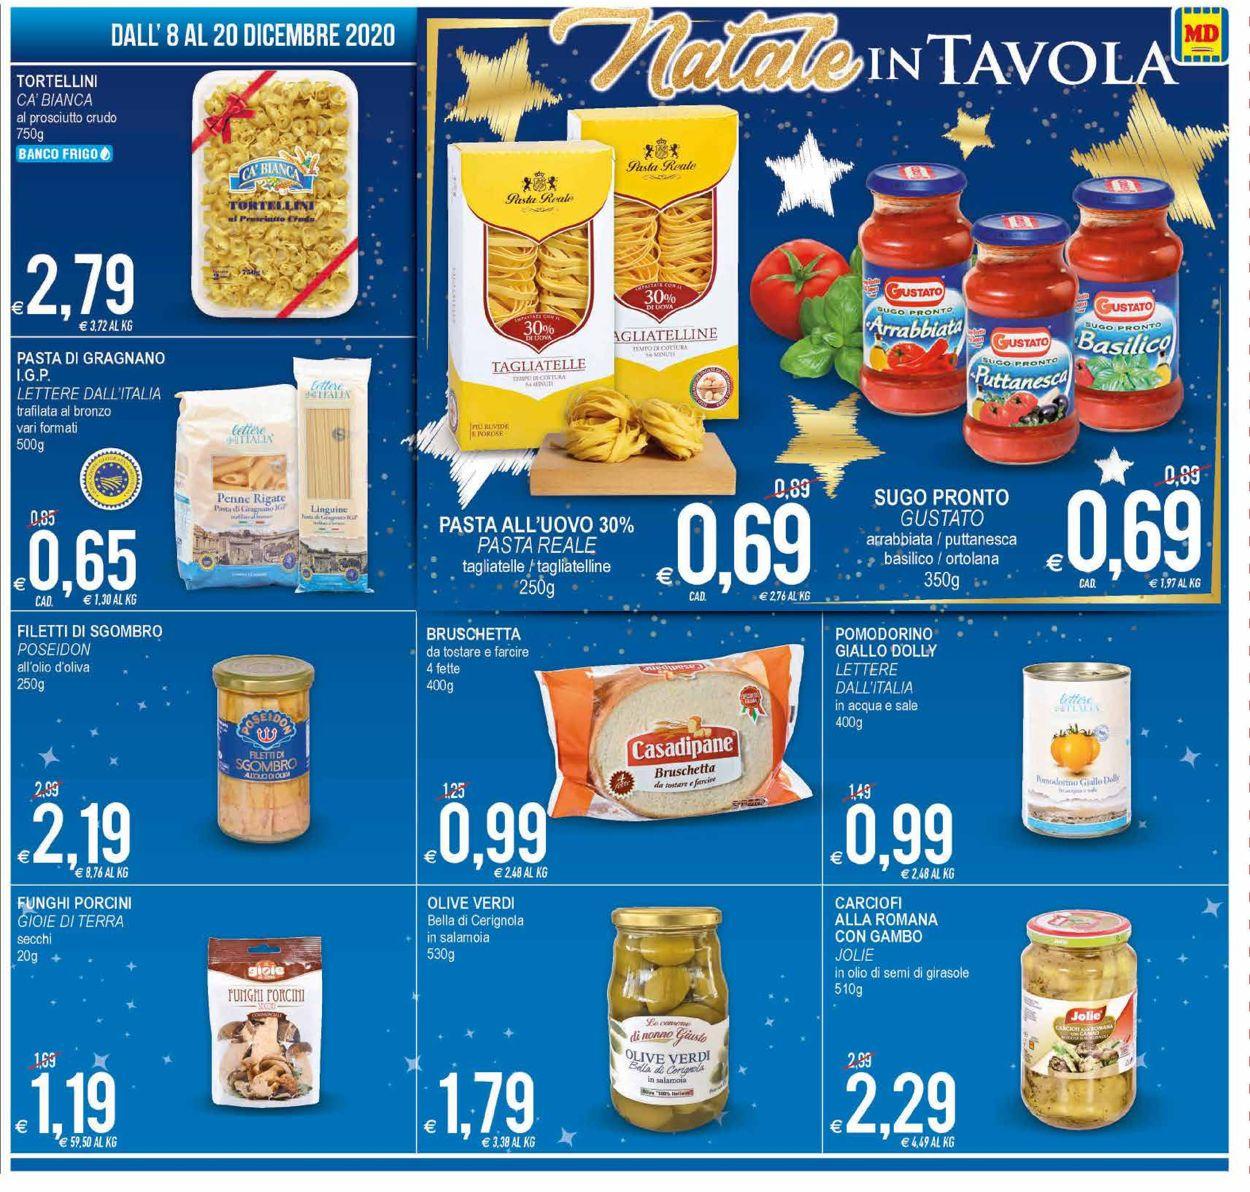 Volantino MD Discount - Natale 2020 - Offerte 08/12-20/12/2020 (Pagina 3)